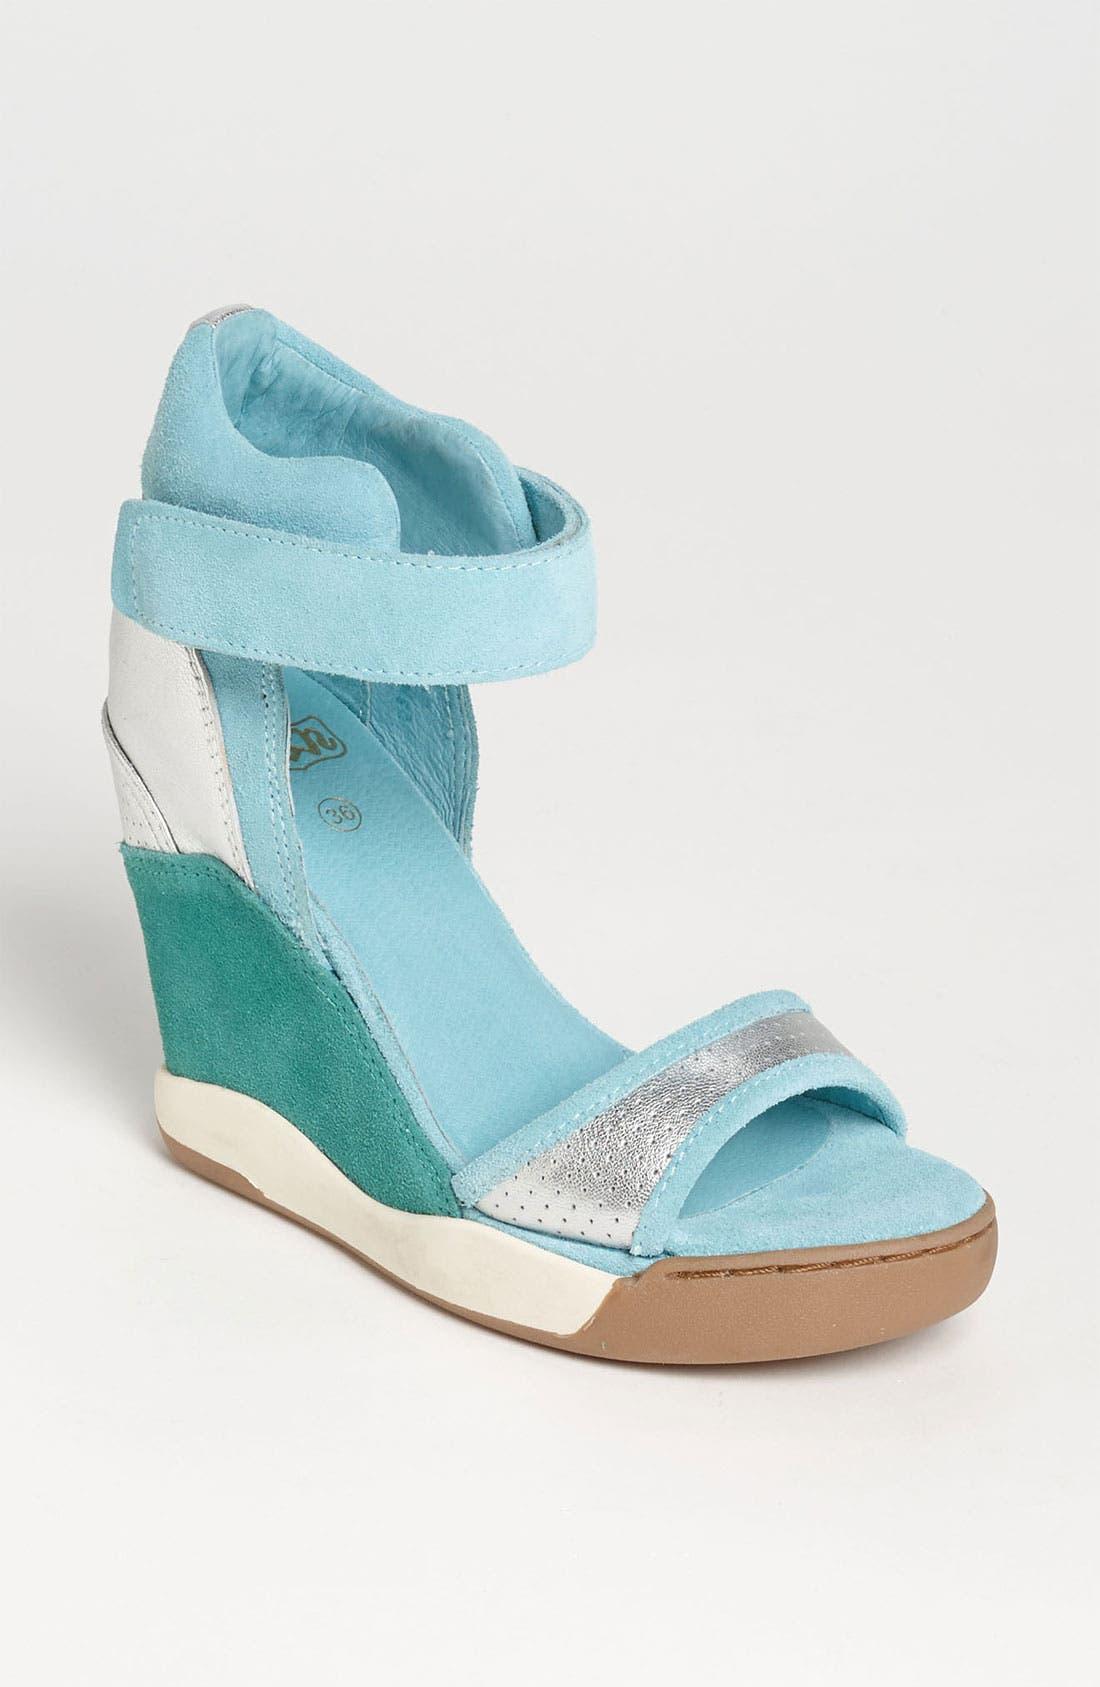 Alternate Image 1 Selected - Ash 'Eloise Bis' Sandal